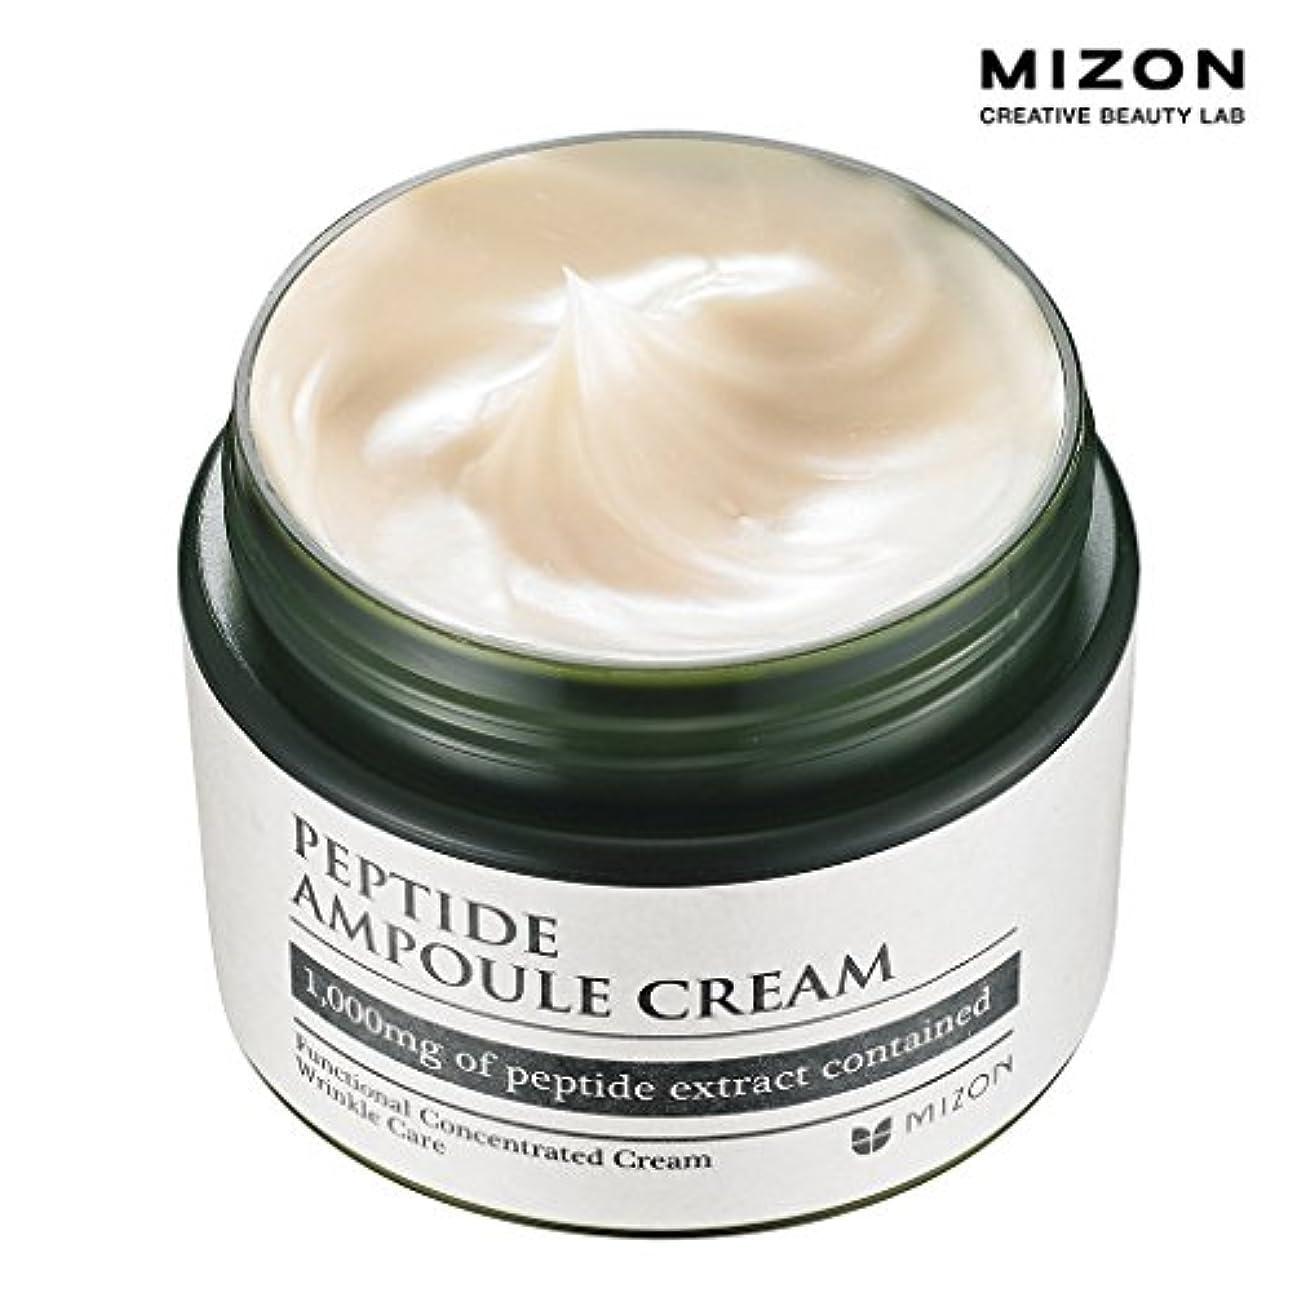 広いロイヤリティ寛容なMIZONミズオン Peptide Ampoule Cream 50ml ペプチドアンプルクリーム [韓国直送品]